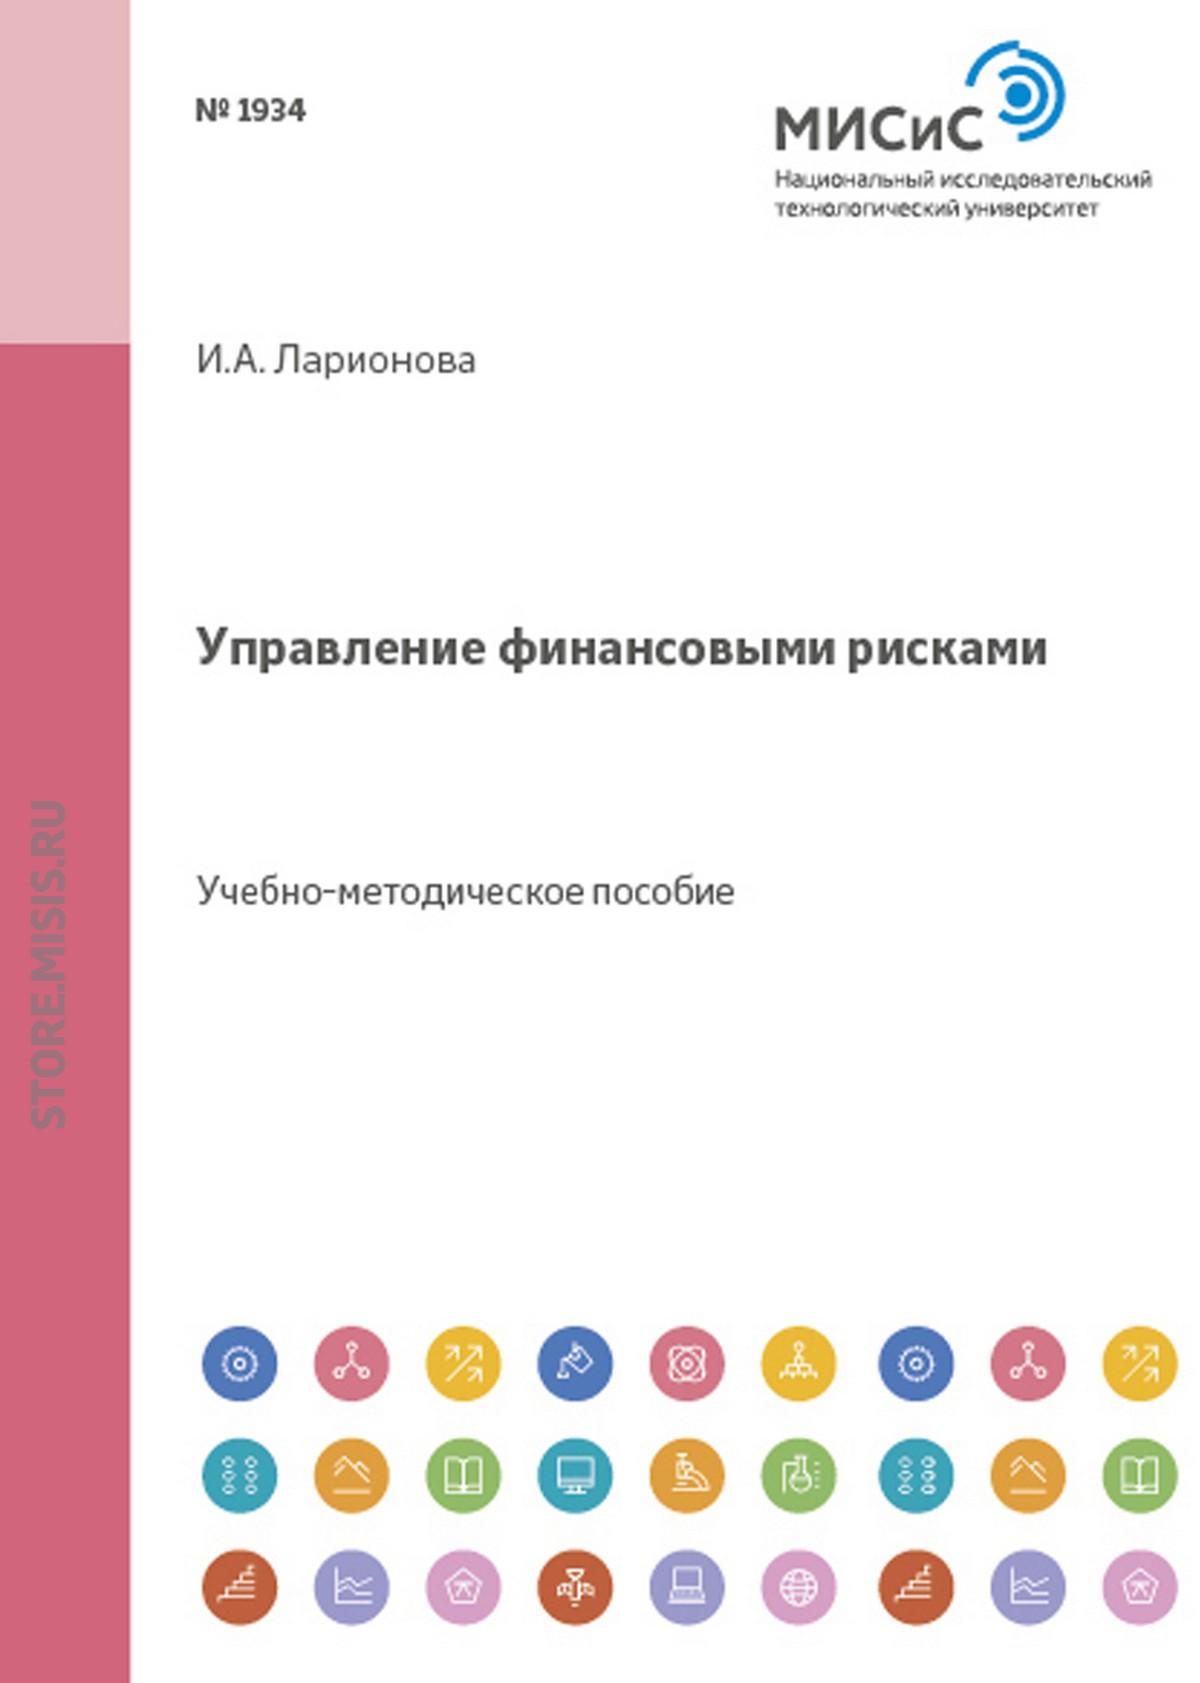 И. А. Ларионова Управление финансовыми рисками герасимова е редин д финансовый анализ управление финансовыми операциями учебник